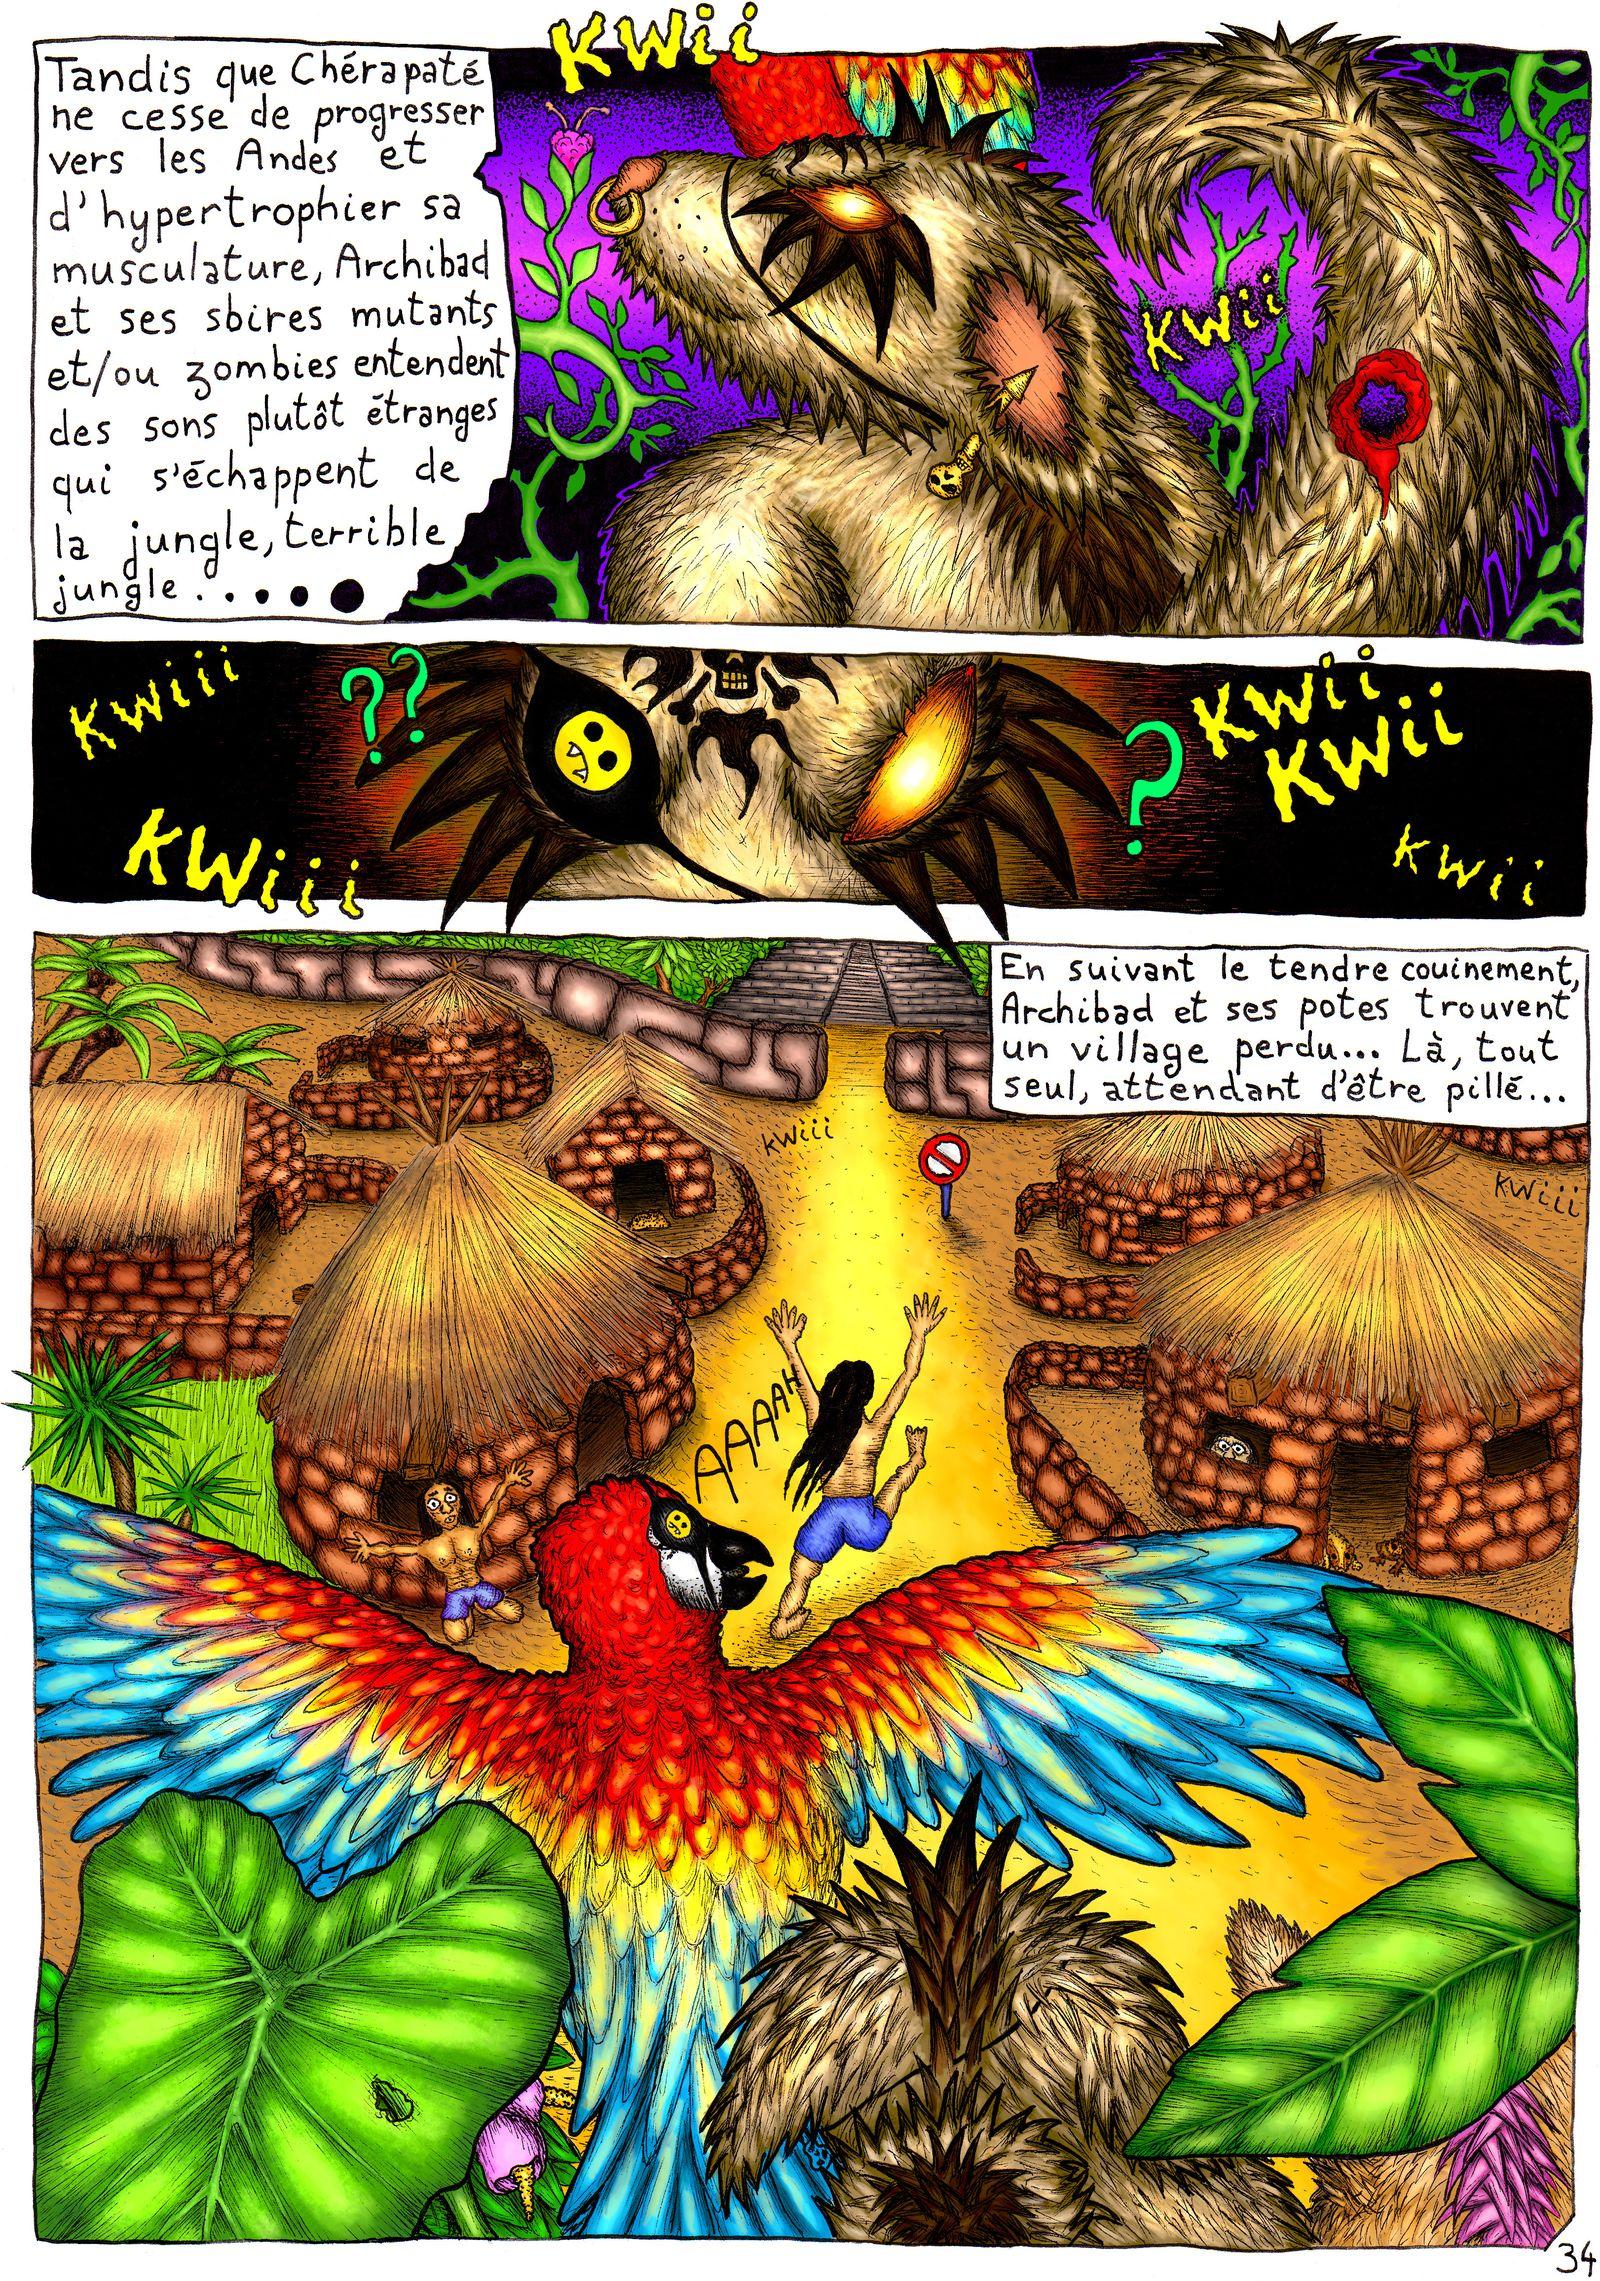 La rencontre entre les péruviens et les rongeurs mutants